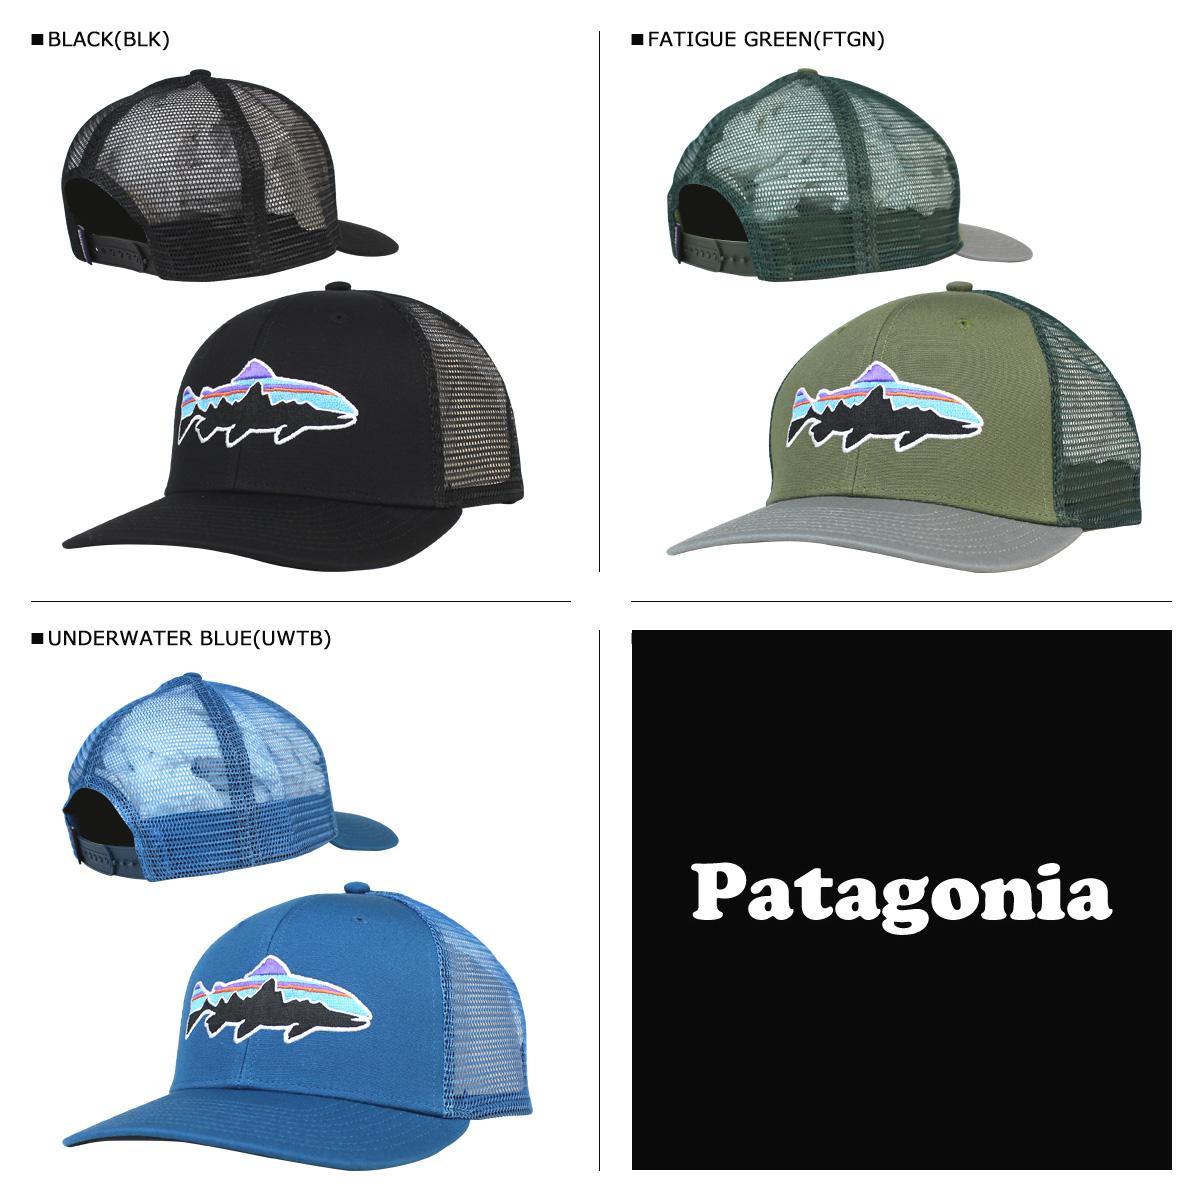 68a73efdb2a ALLSPORTS  Patagonia patagonia men s Cap snap back Cap 38008 3 color ...